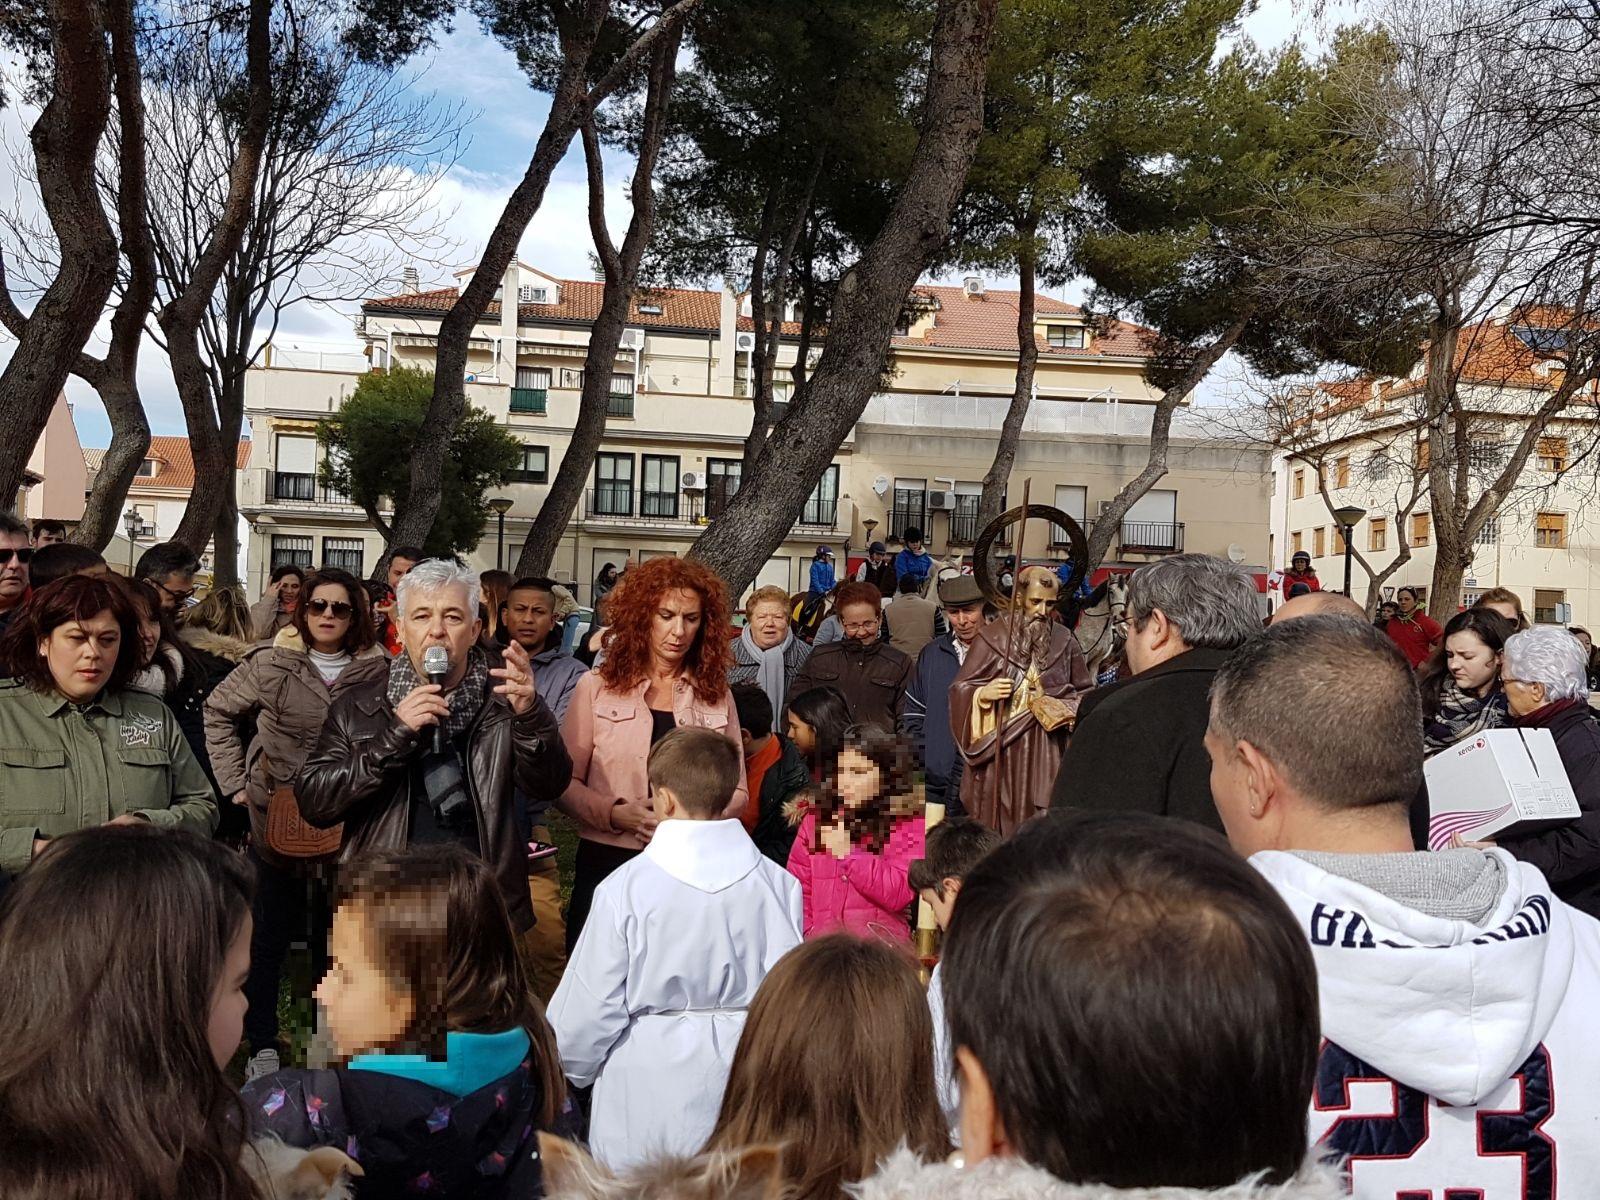 Buen ambiente y mucha participación en la celebración de San Antón